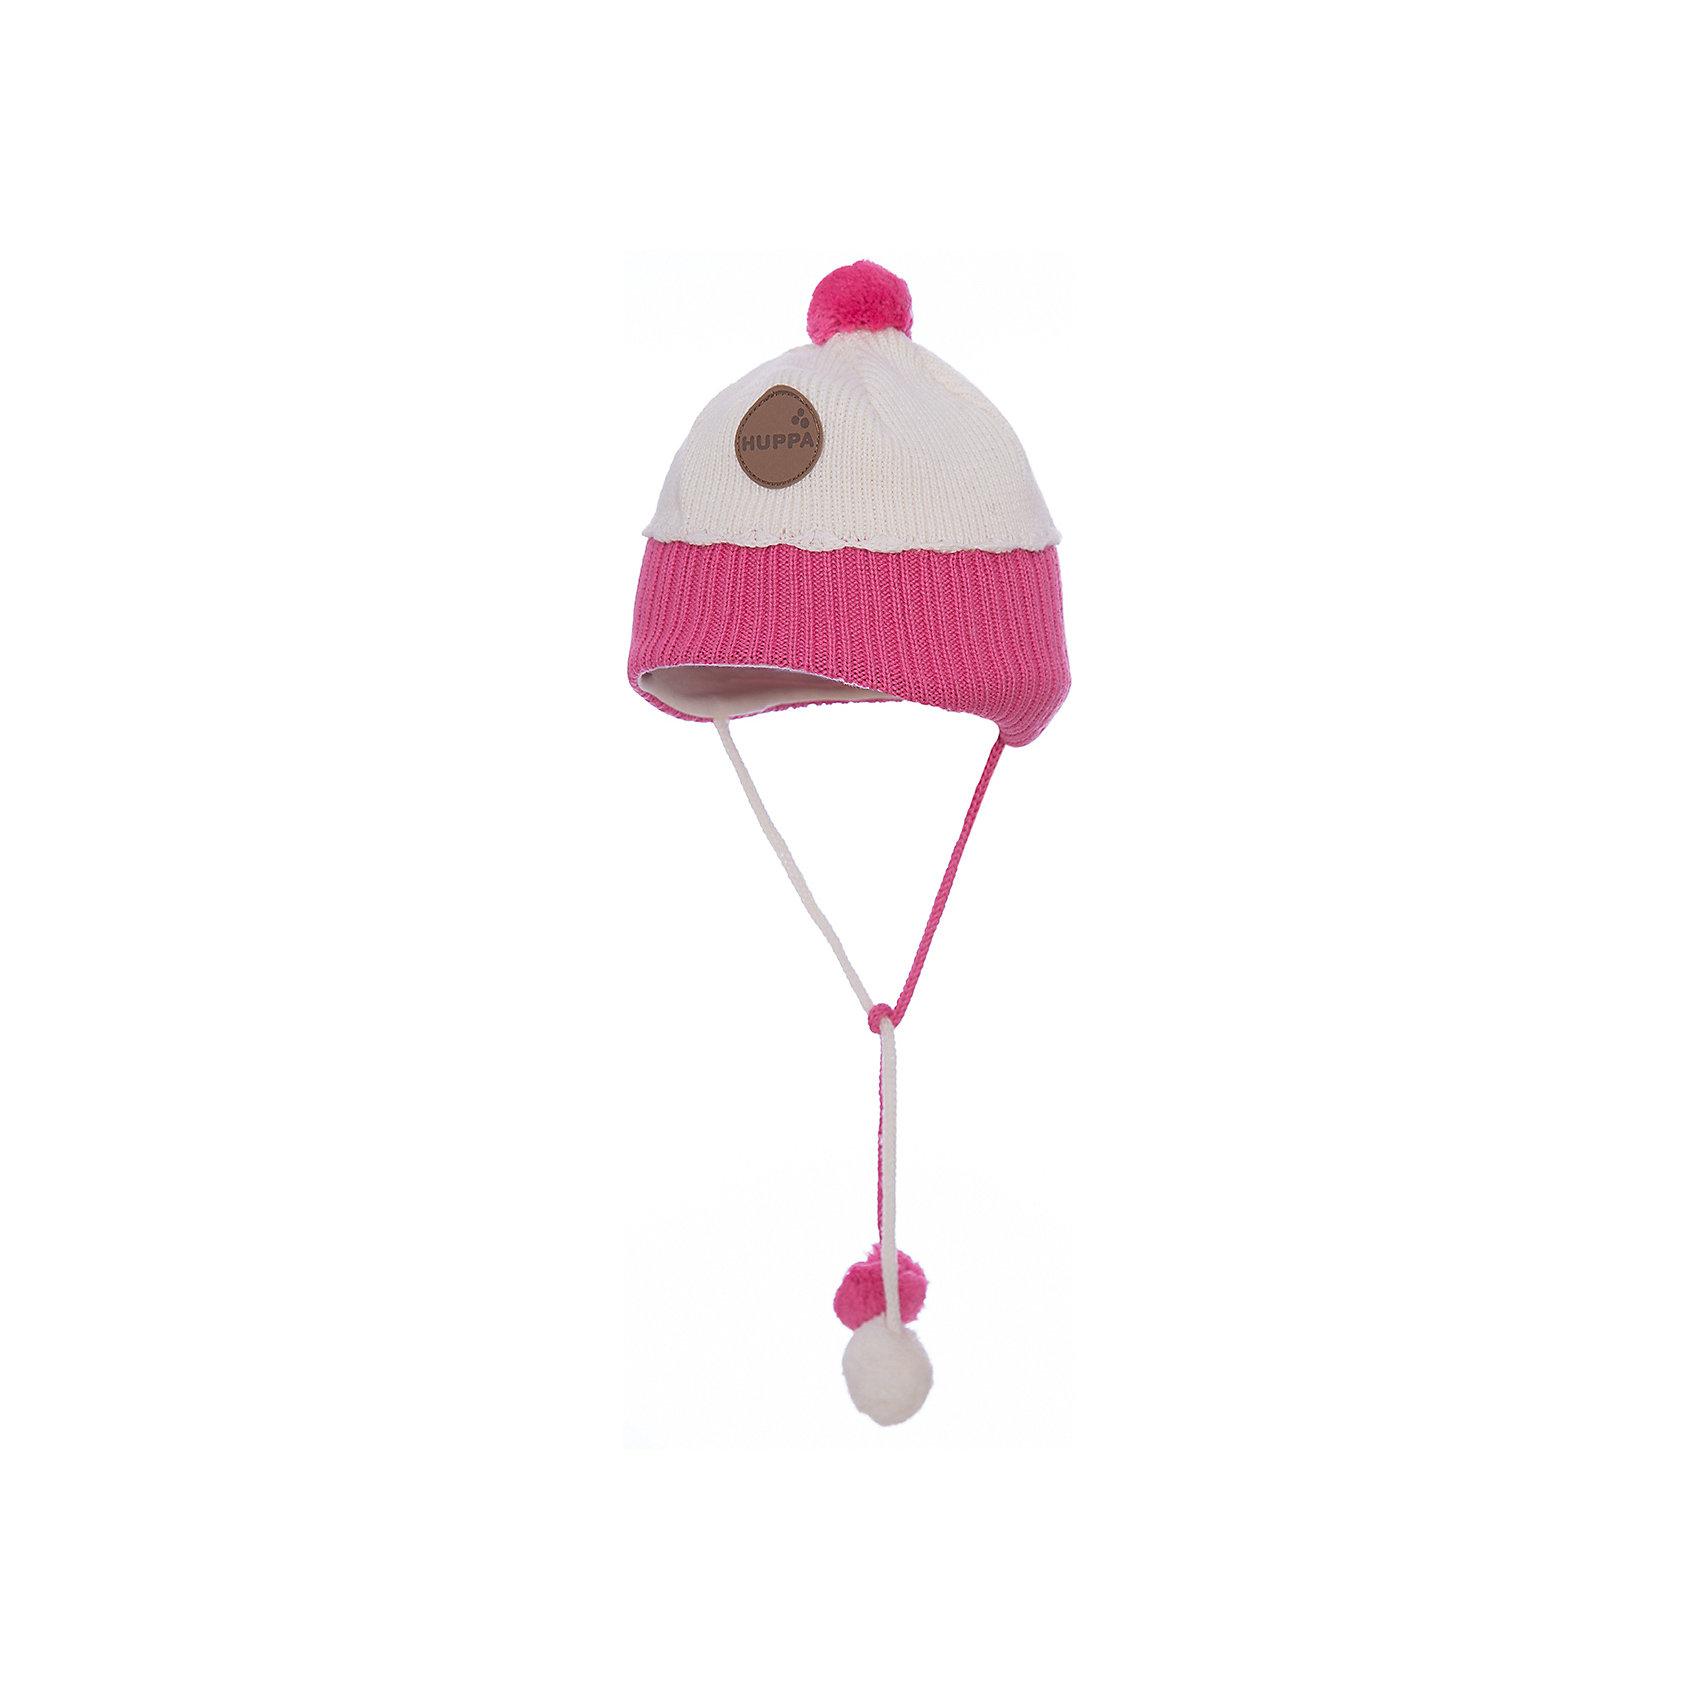 Шапка для девочки HuppaЗимняя вязаная двухцветная шапка для малышей. Для удобства ношения у шапки приятная подкладка из хлопкового трикотажа, наружная часть из смеси 50% мериносовой шерсти и 50% акриловой пряжи. Более интересной шапку делают разноцветные ленты с помпонами, при помощи которых шапку можно завязать и защитить уши от холода, а также кружева в разрезе. <br><br><br><br>Шапку для девочки Huppa (Хуппа) можно купить в нашем магазине.<br><br>Ширина мм: 89<br>Глубина мм: 117<br>Высота мм: 44<br>Вес г: 155<br>Цвет: белый<br>Возраст от месяцев: 12<br>Возраст до месяцев: 24<br>Пол: Женский<br>Возраст: Детский<br>Размер: 47-49,43-45,51-53<br>SKU: 4242924